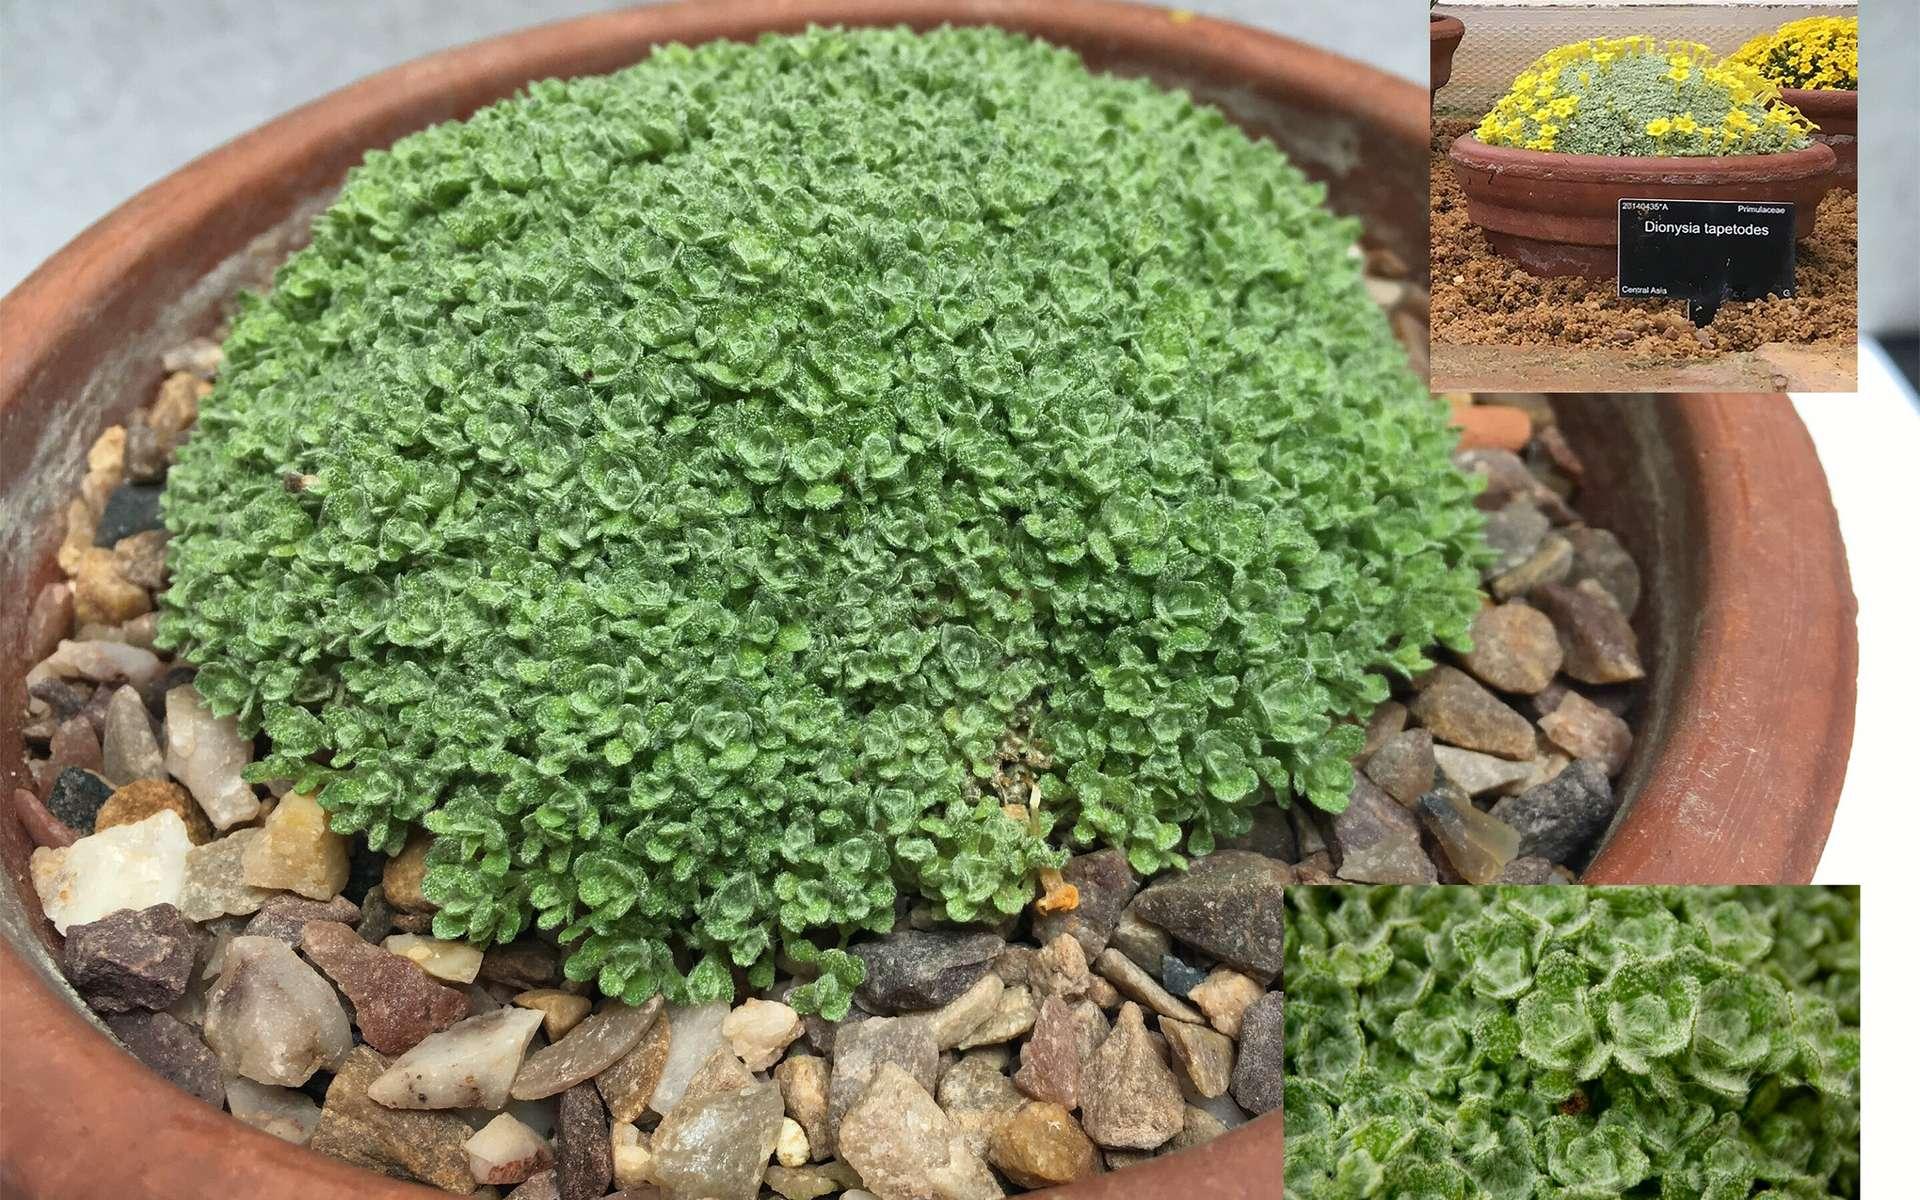 Étonnant : cette plante « tisse » sa propre laine